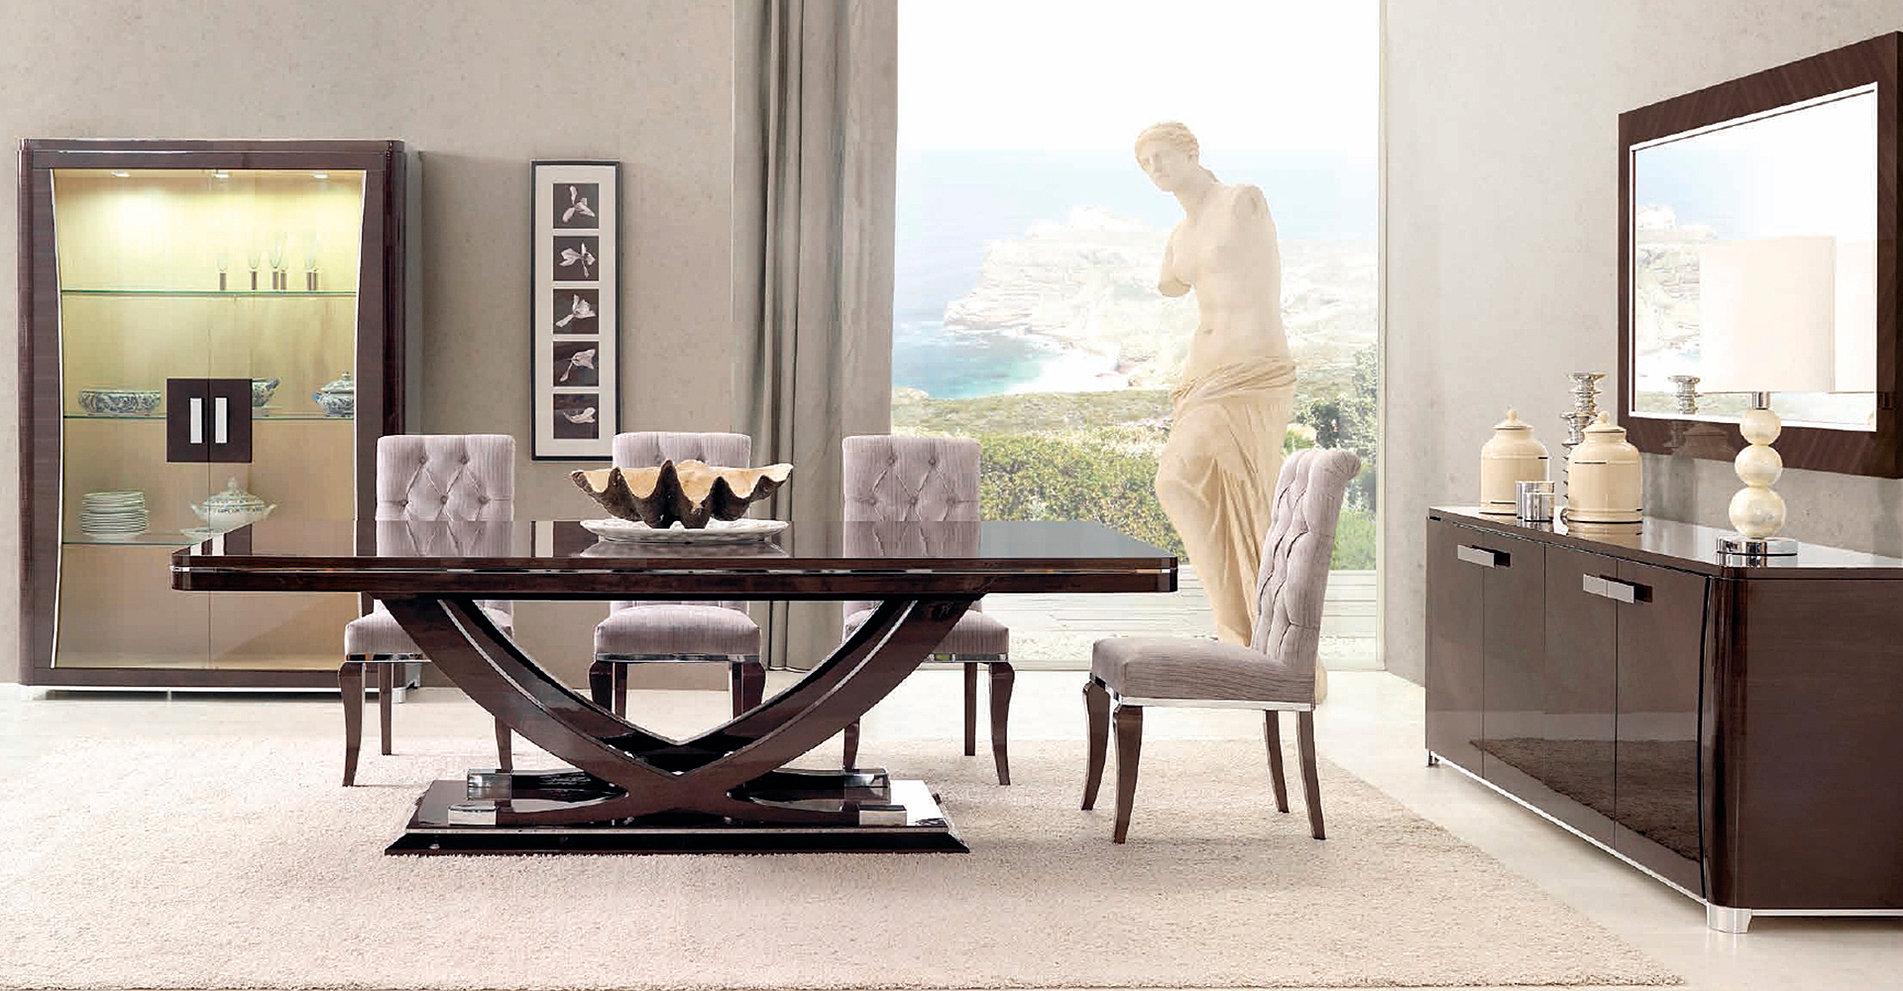 Tienda de muebles en valladolid muebles de elite - Muebles chill valladolid ...